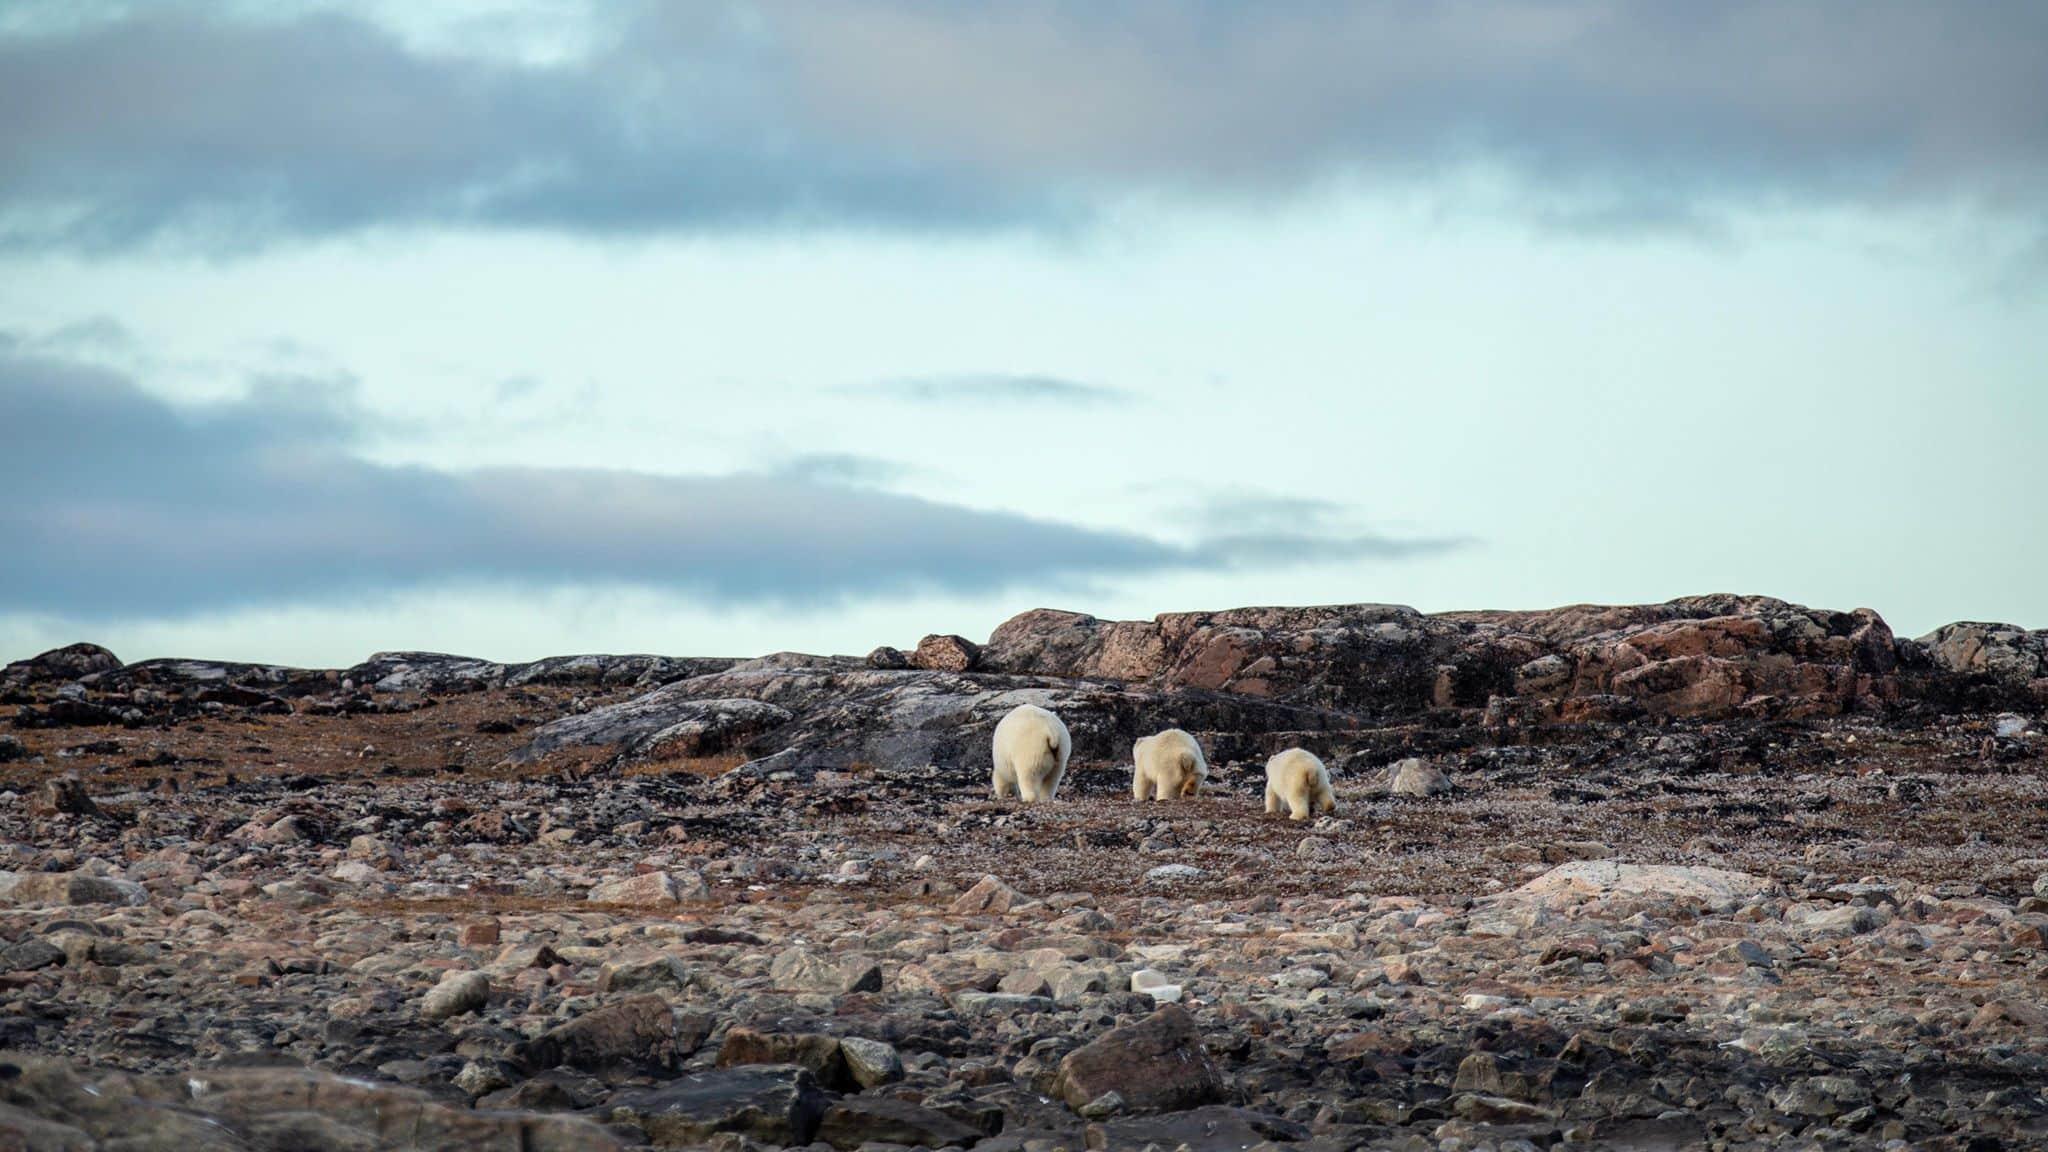 Polar bears on a rocky landscape